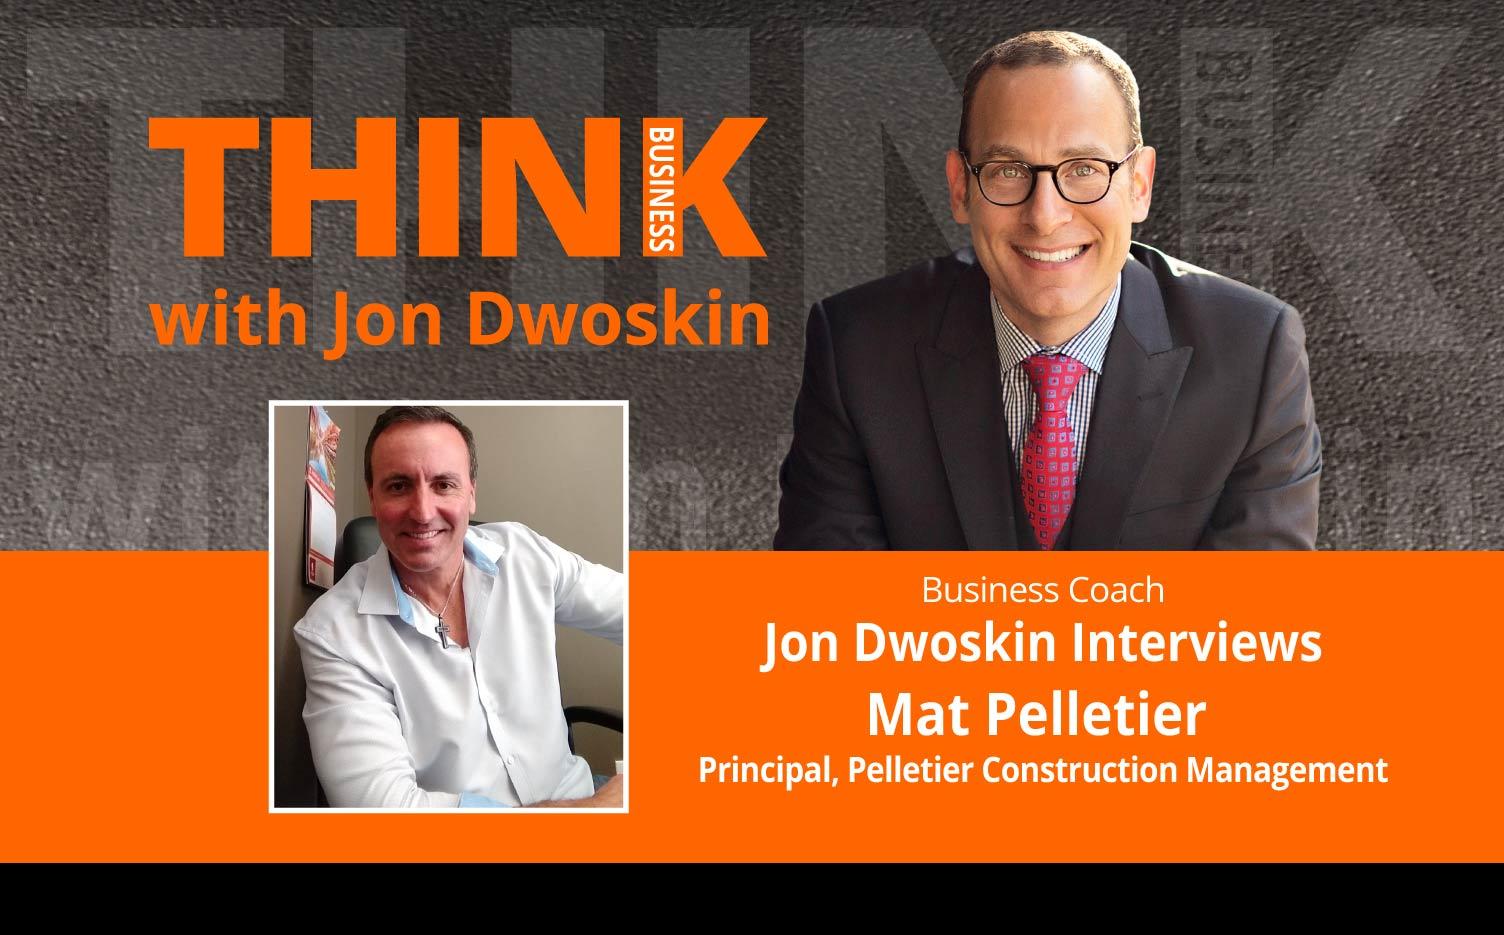 THINK Business Podcast: Jon Dwoskin Interviews Mat Pelletier, Principal, Pelletier Construction Management